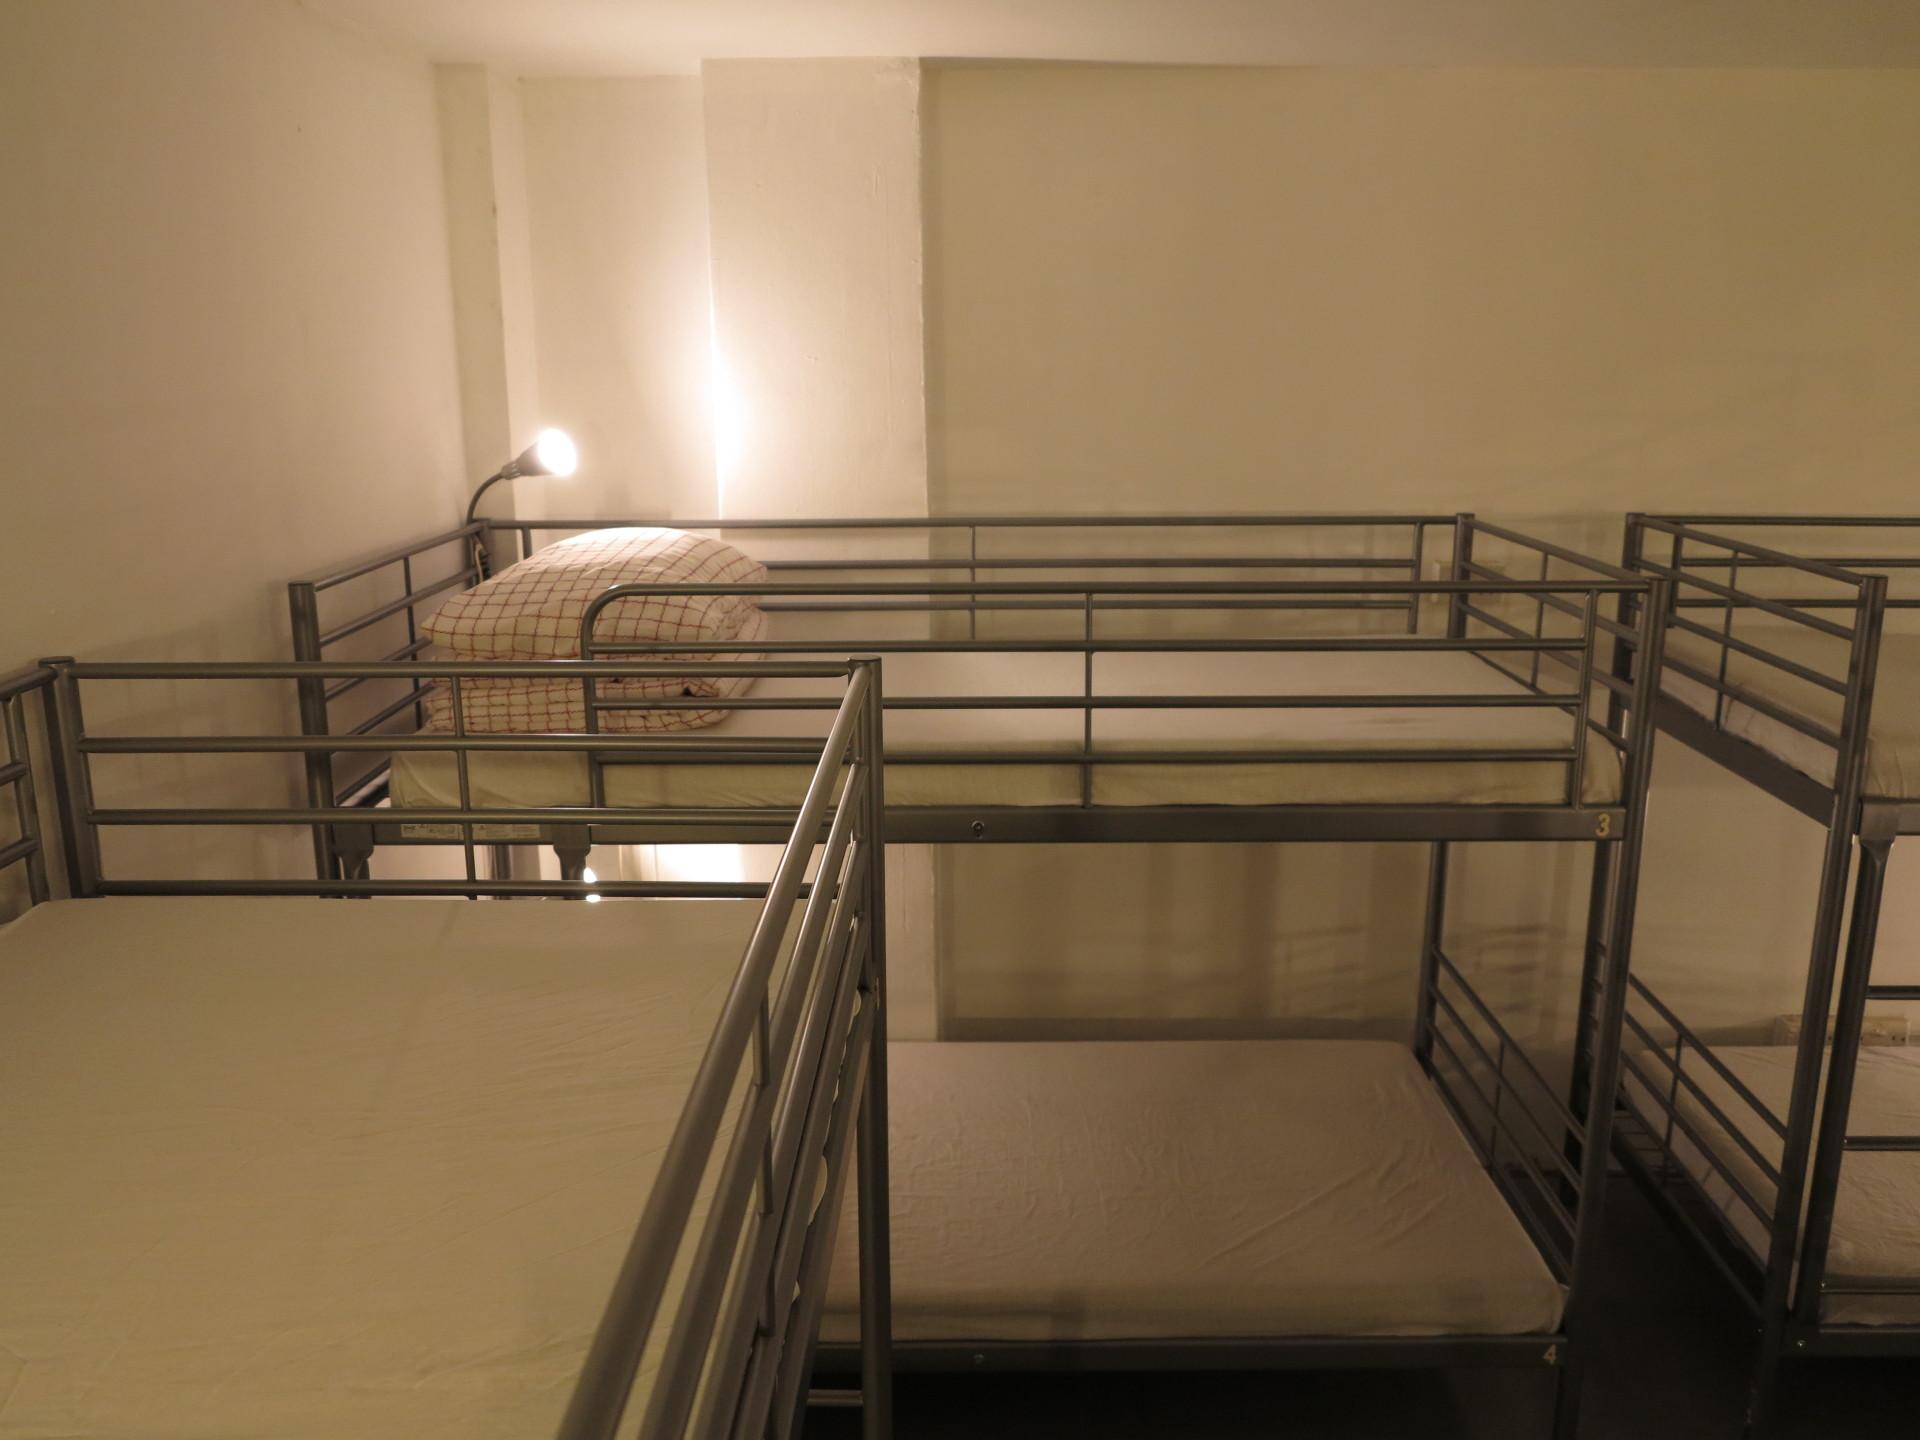 16 Bedded Female Dorm